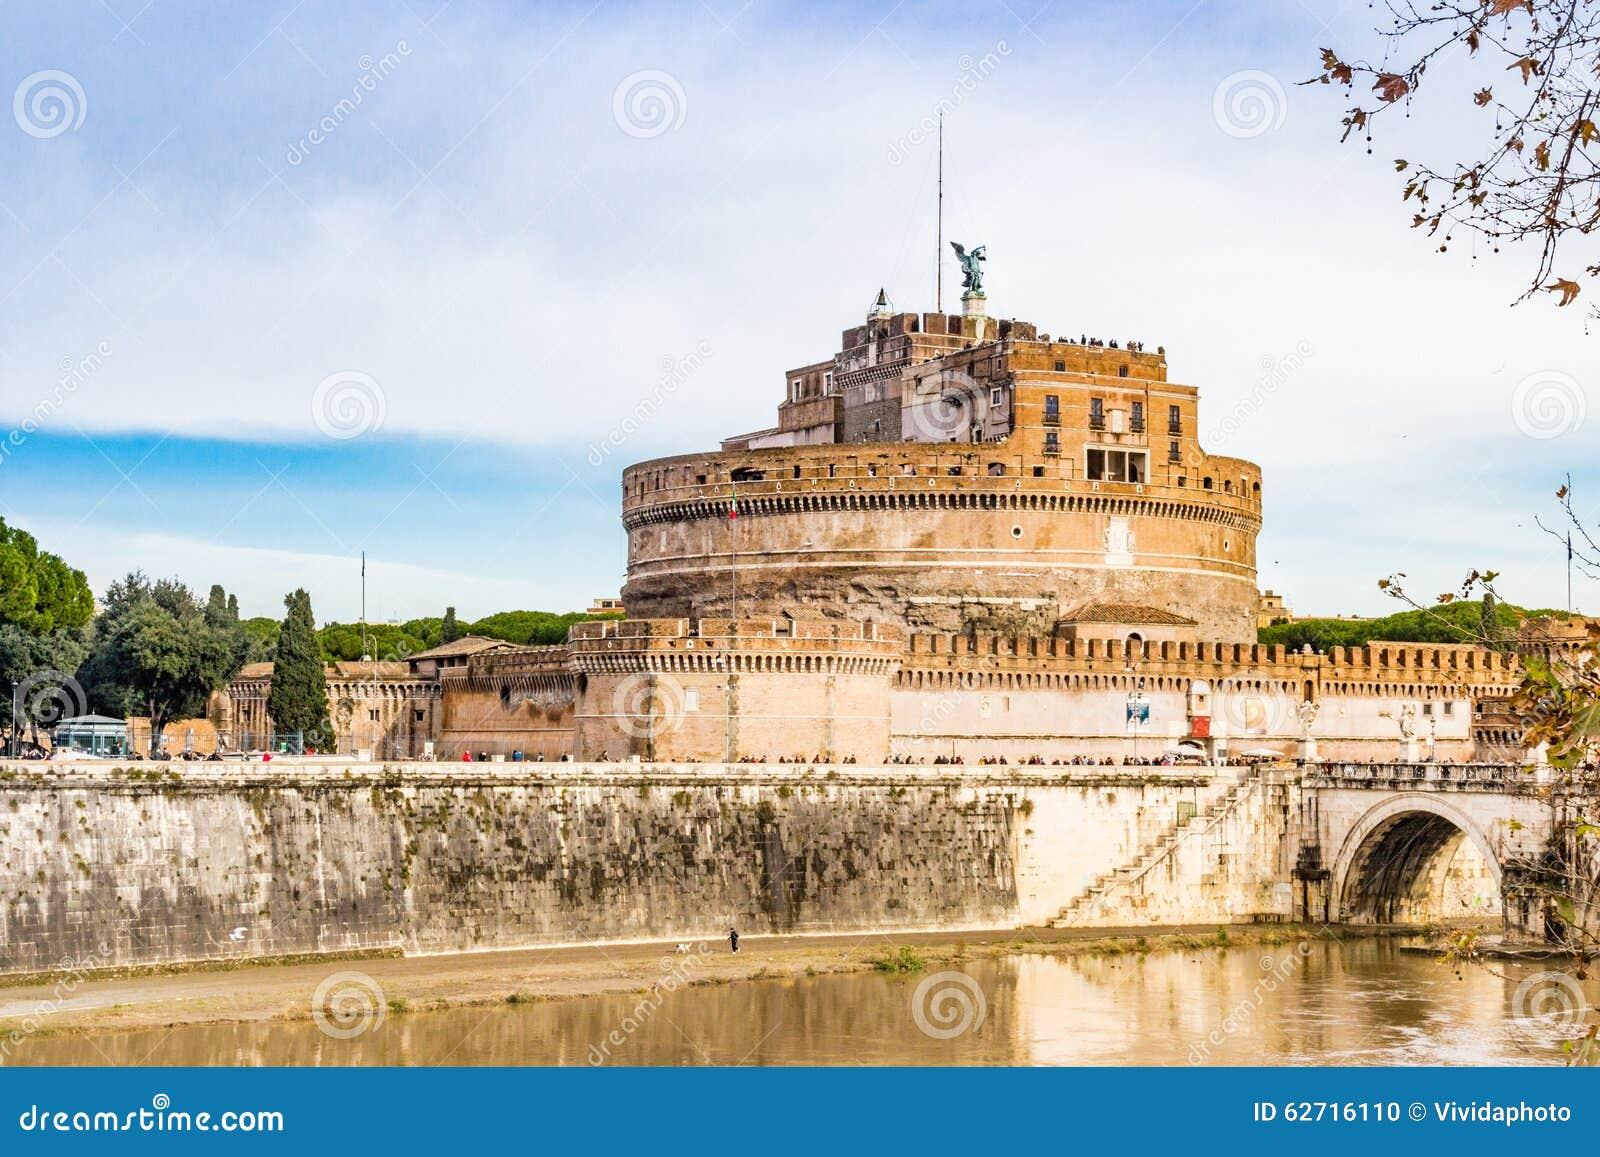 Download Αρχιτεκτονικές λεπτομέρειες στη Ρώμη Στοκ Εικόνες - εικόνα από μαυσωλείο, θυμών: 62716110